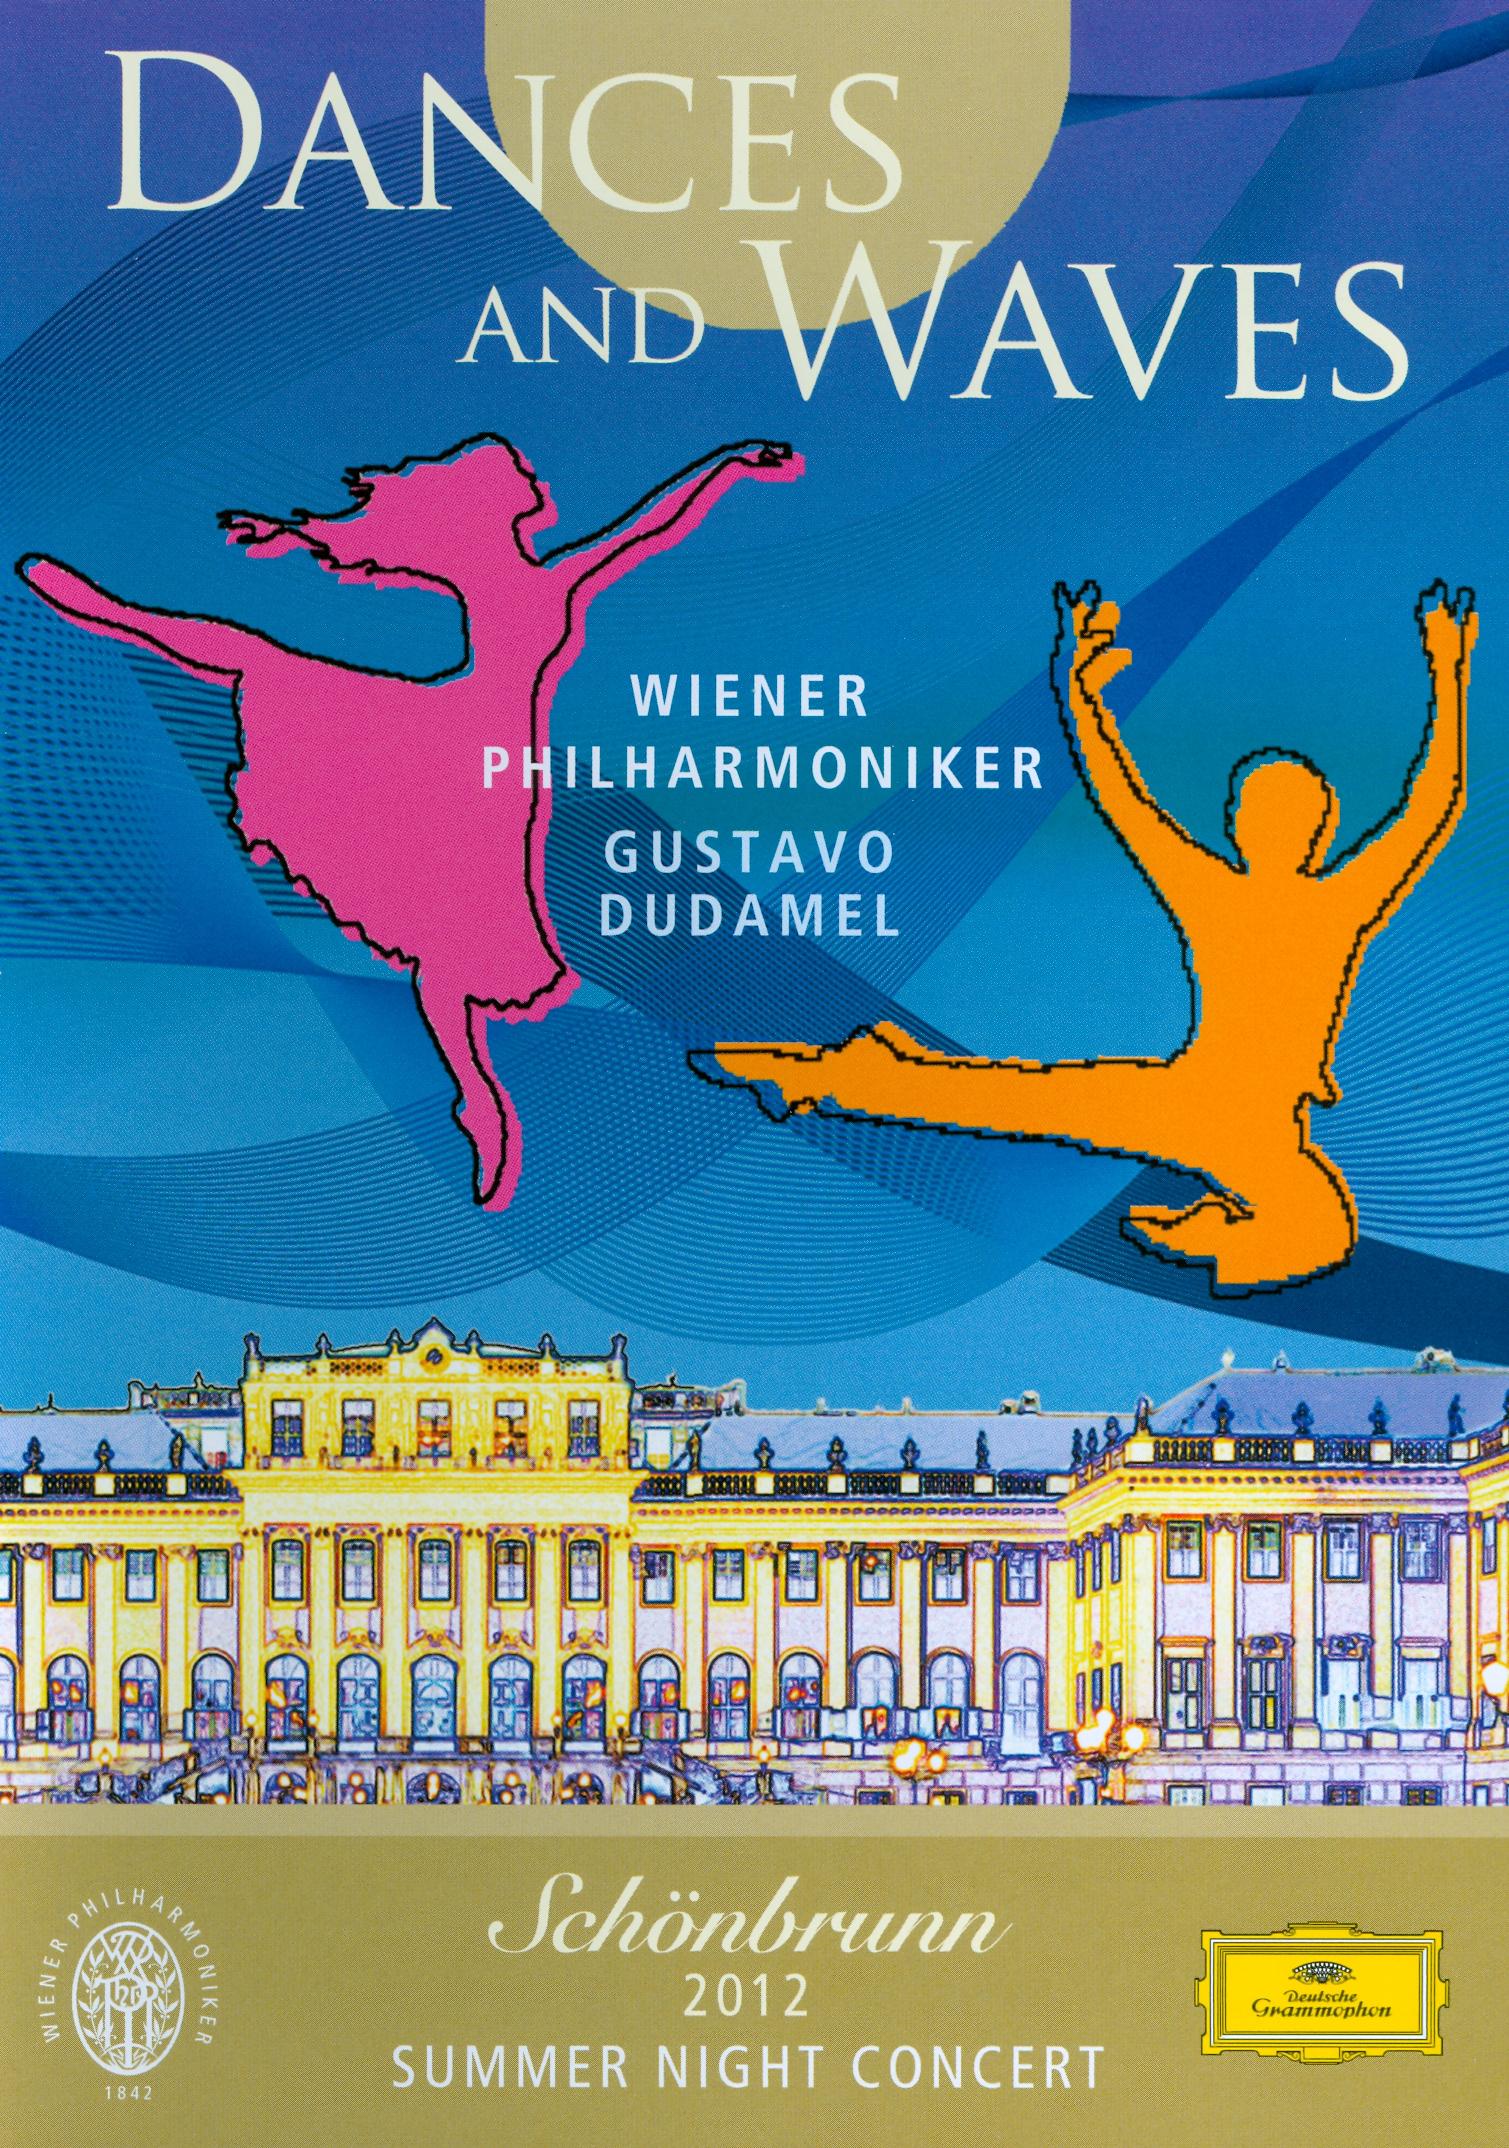 Summer Night Concert: Schönbrunn 2012 - Dances and Waves